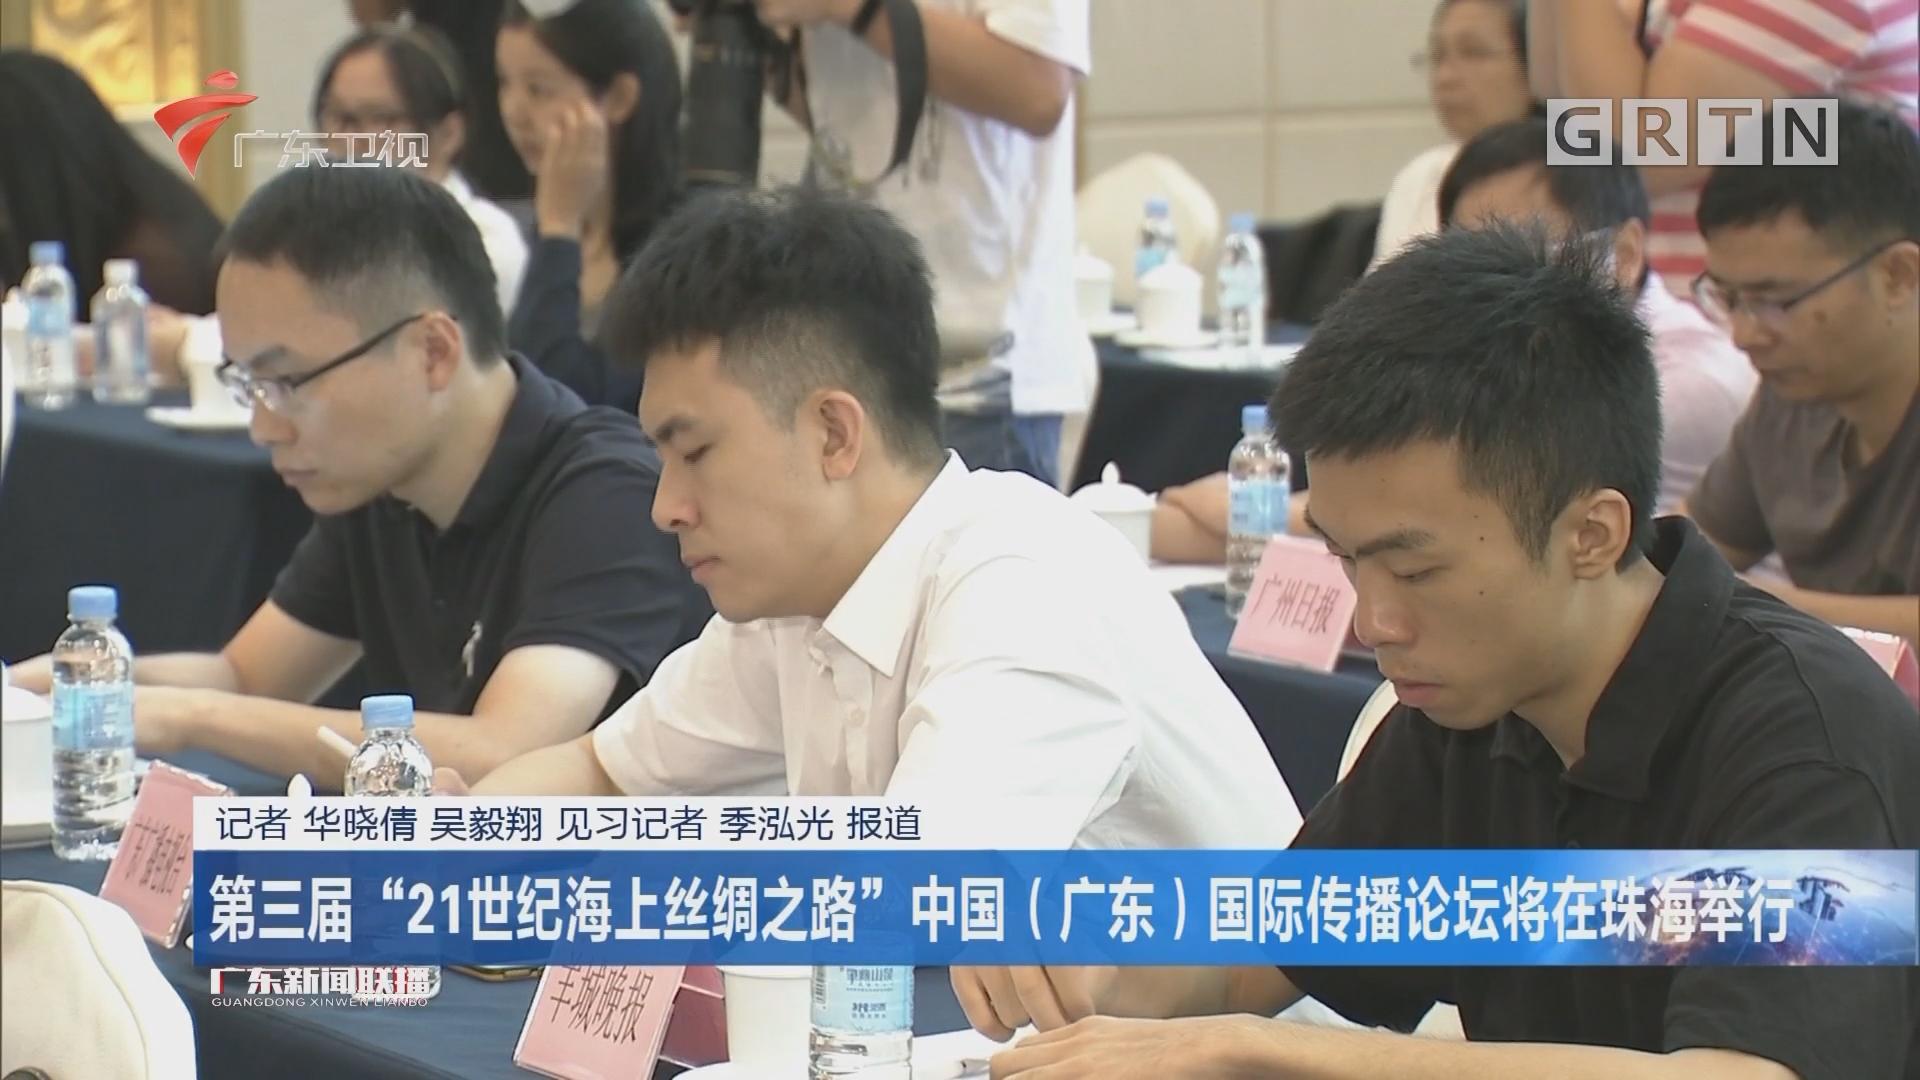 """第三届""""21世纪海上丝绸之路""""中国(广东)国际传播论坛将在珠海举行"""